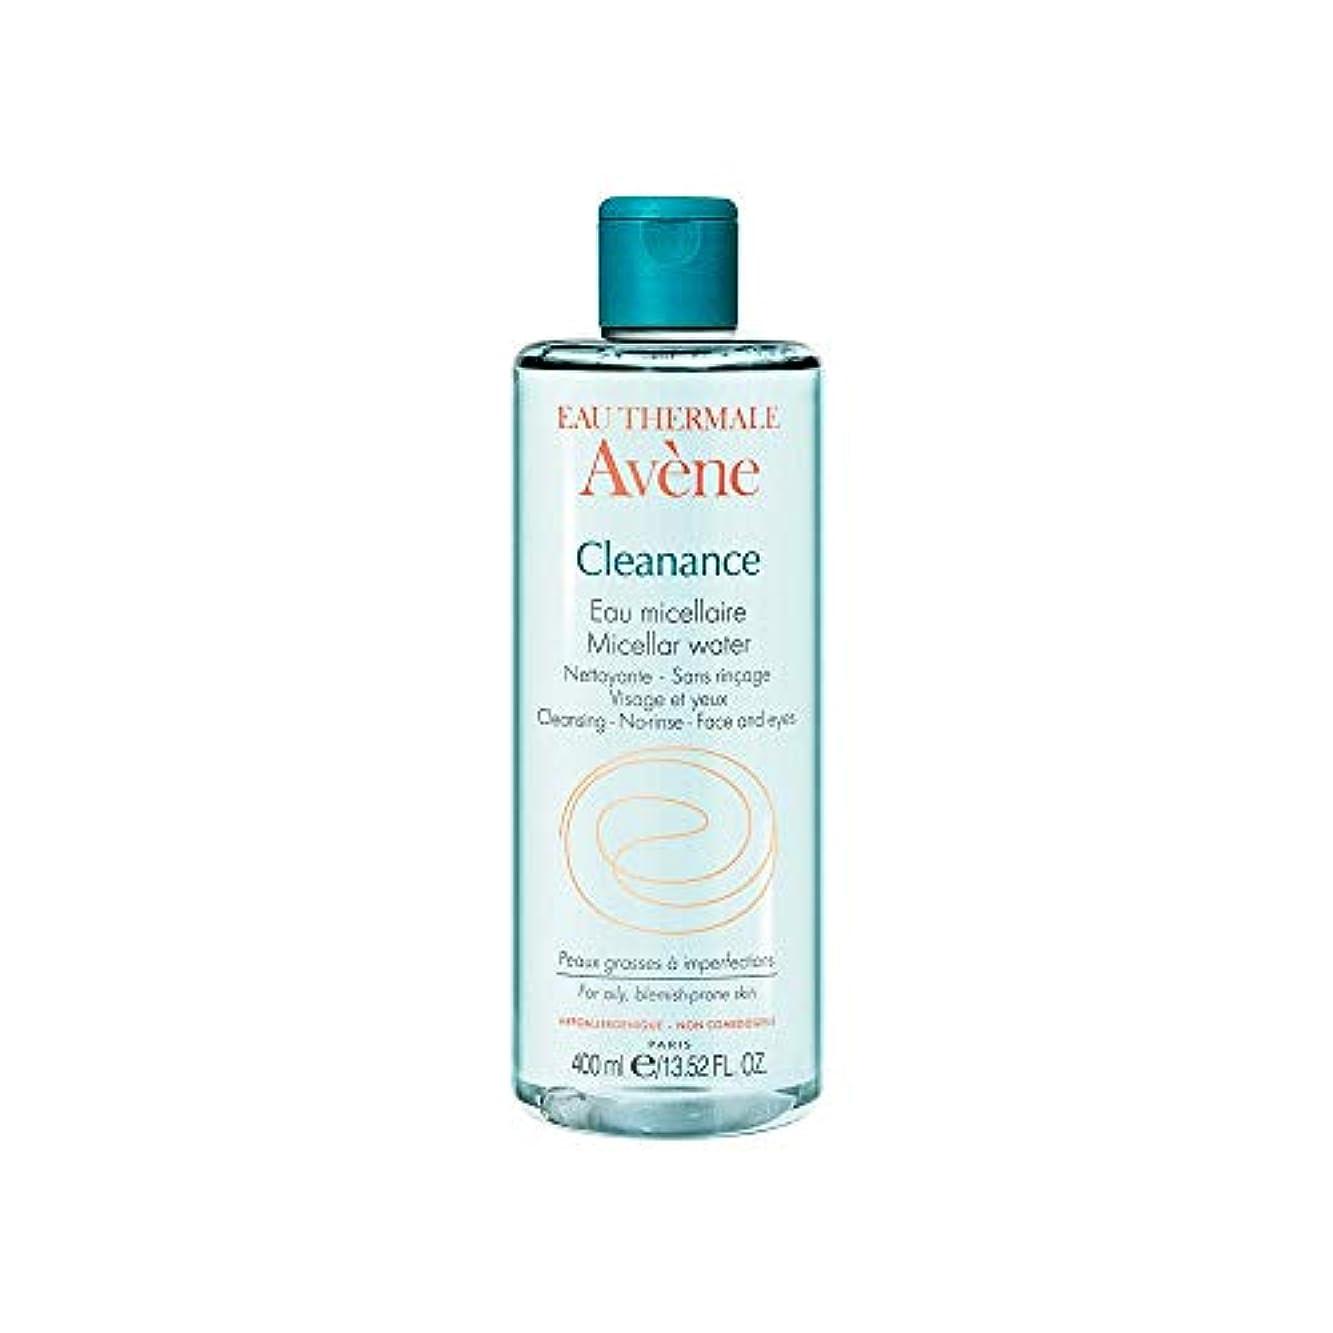 英語の授業があります調整可能言い聞かせるアベンヌ Cleanance Micellar Water (For Face & Eyes) - For Oily, Blemish-Prone Skin 400ml/13.52oz並行輸入品